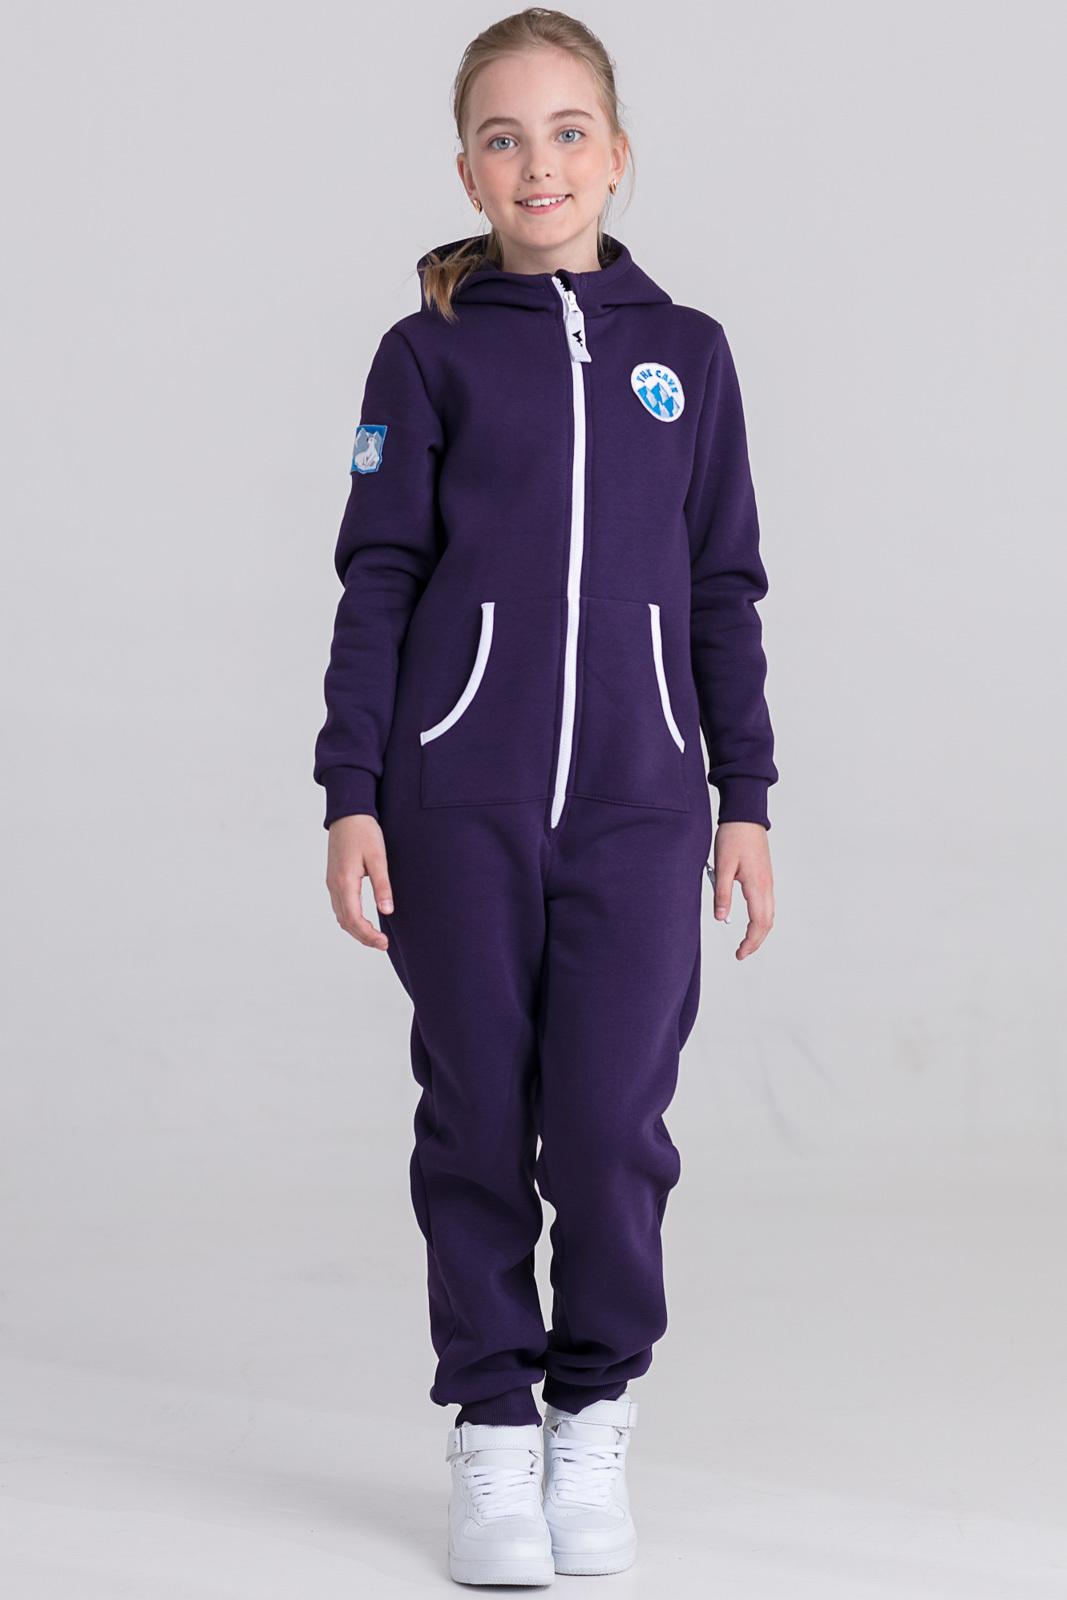 Детская домашняя одежда The Cave Детский комбинезон Veronica Цвет: Фиолетовый (8-9 лет)